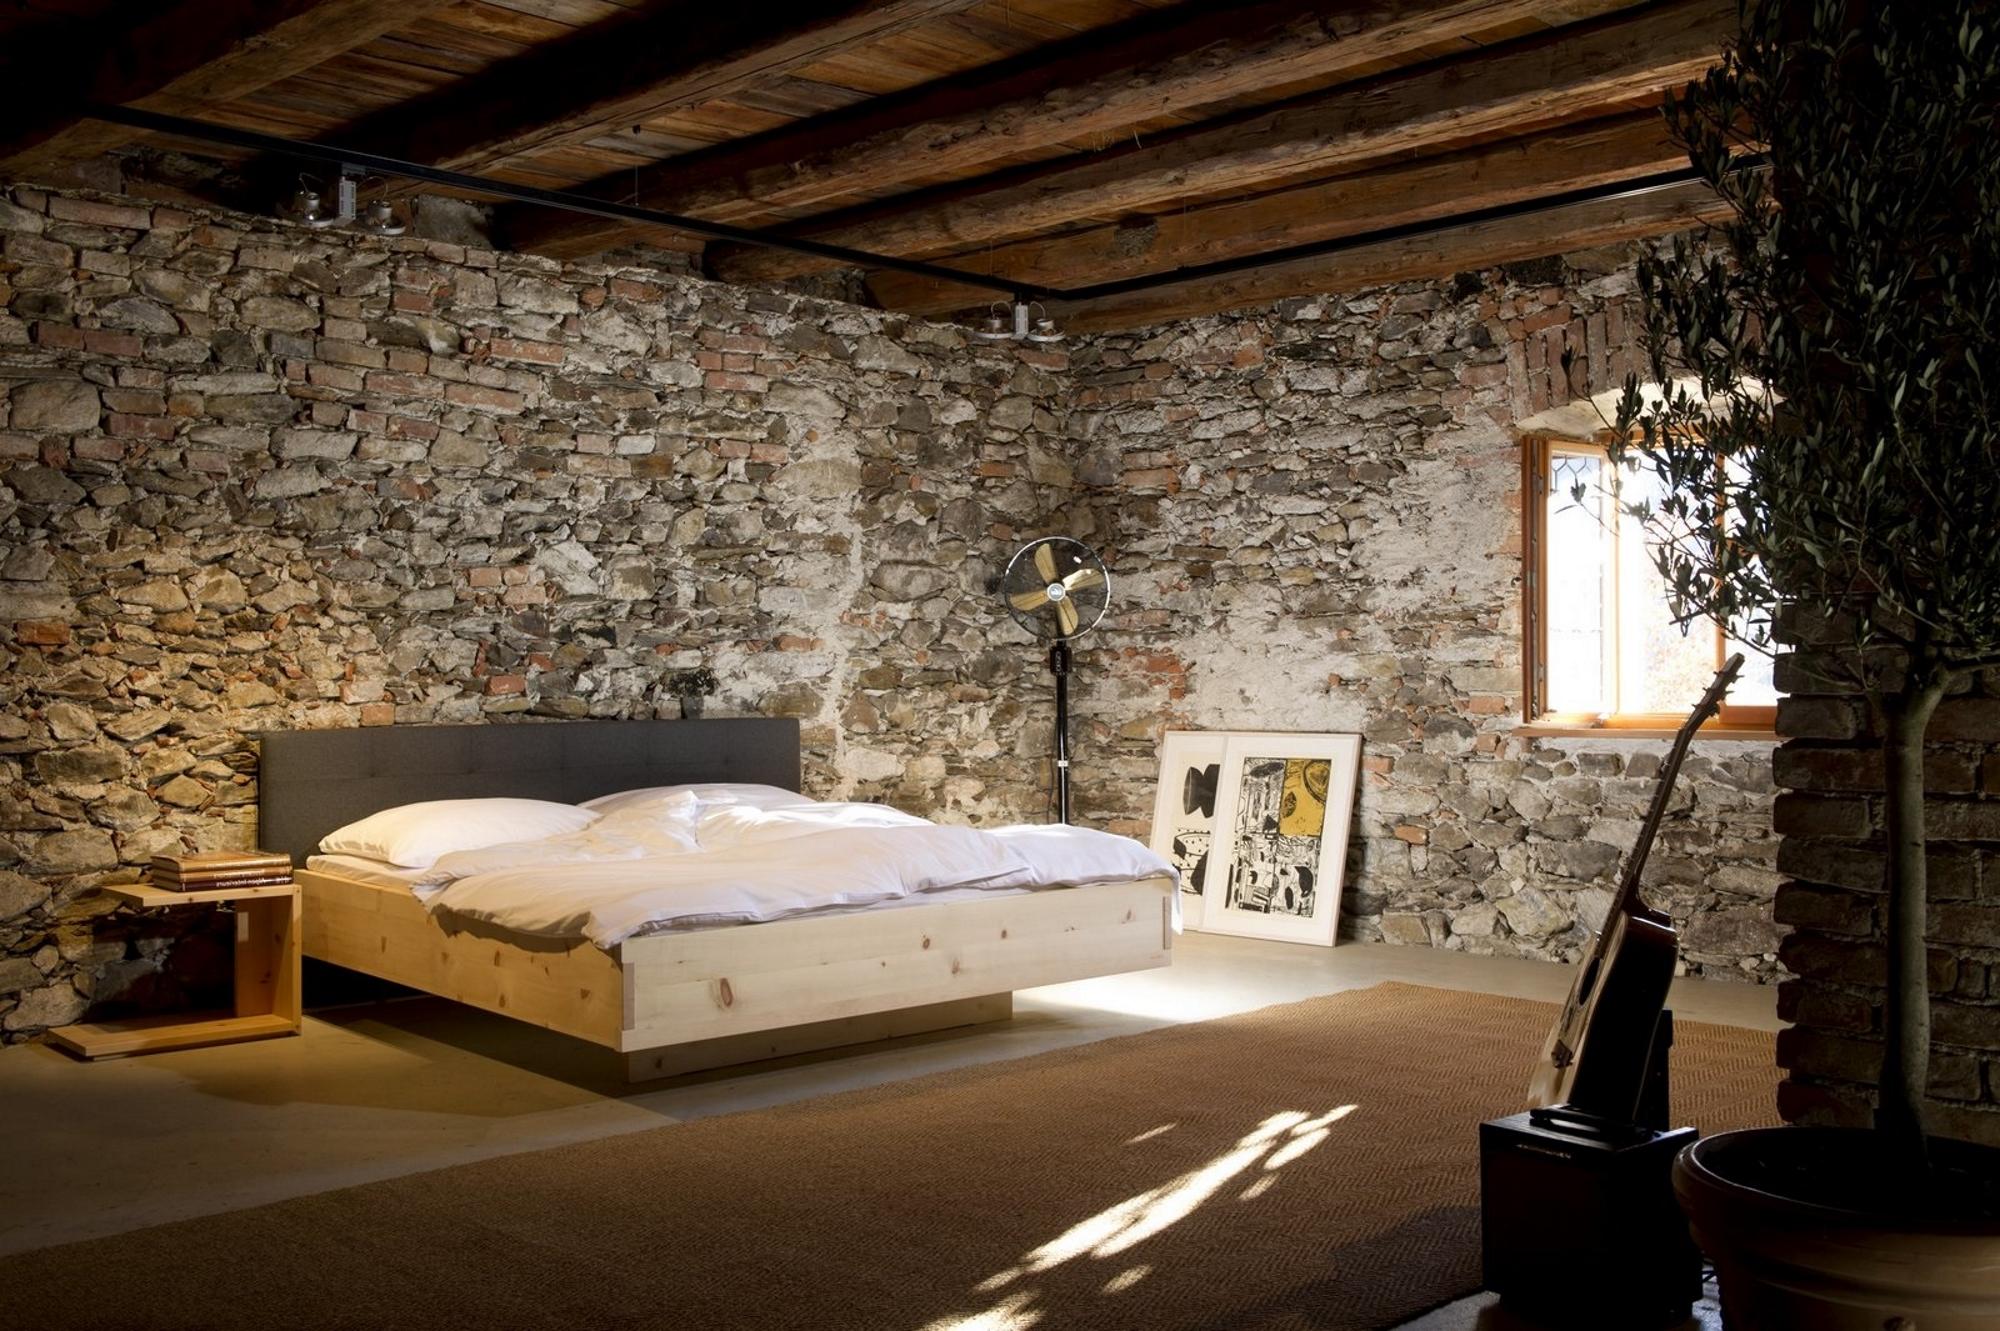 zirbenbett tfs6 kopfteil loden von tobias felgner. Black Bedroom Furniture Sets. Home Design Ideas